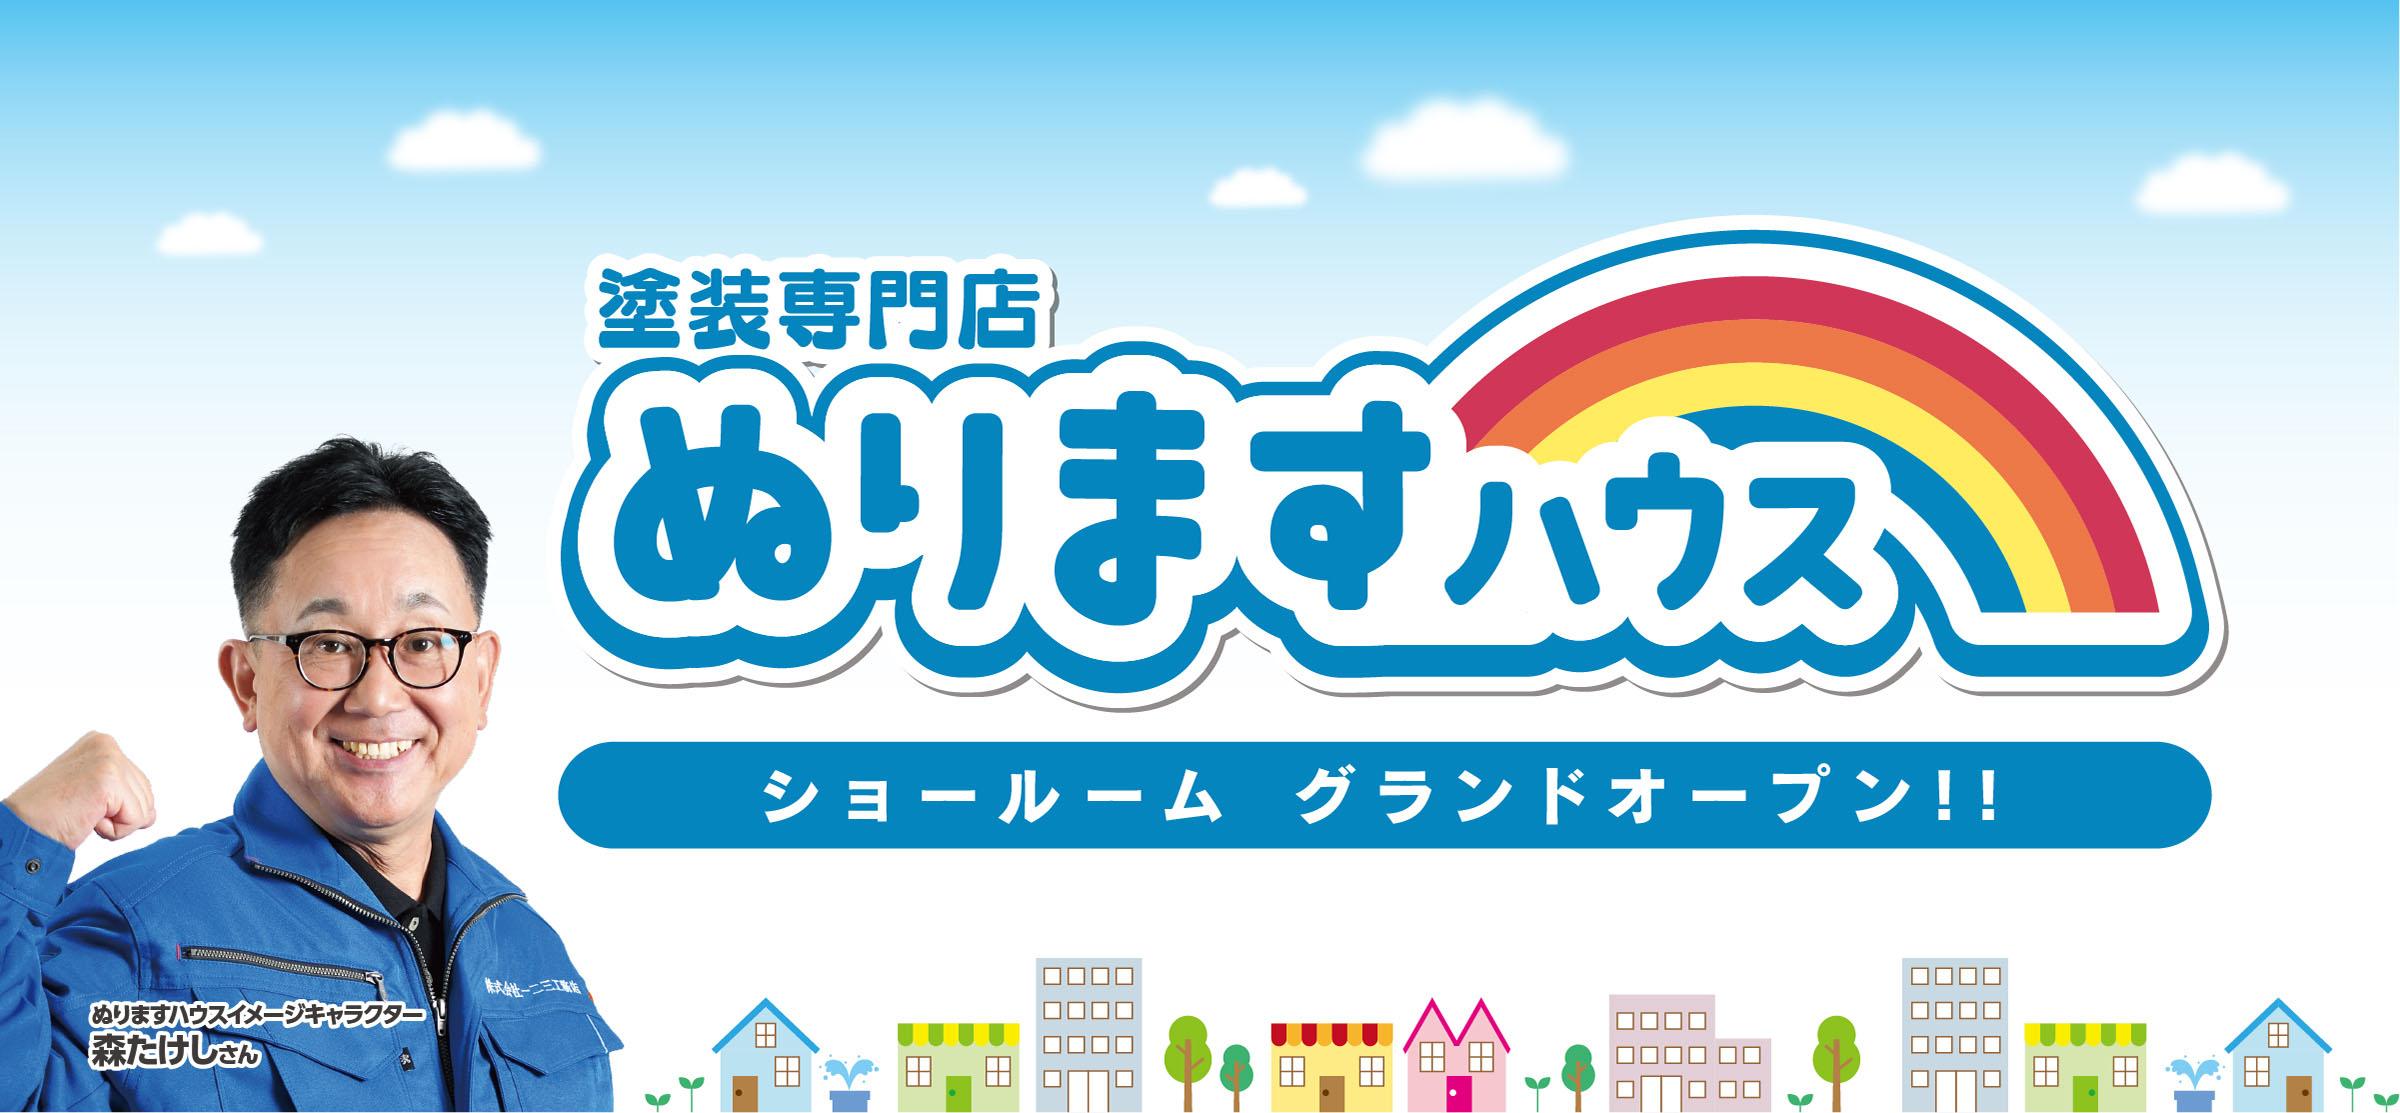 ぬりますハウス ショールームOPEN記念イベント開催!